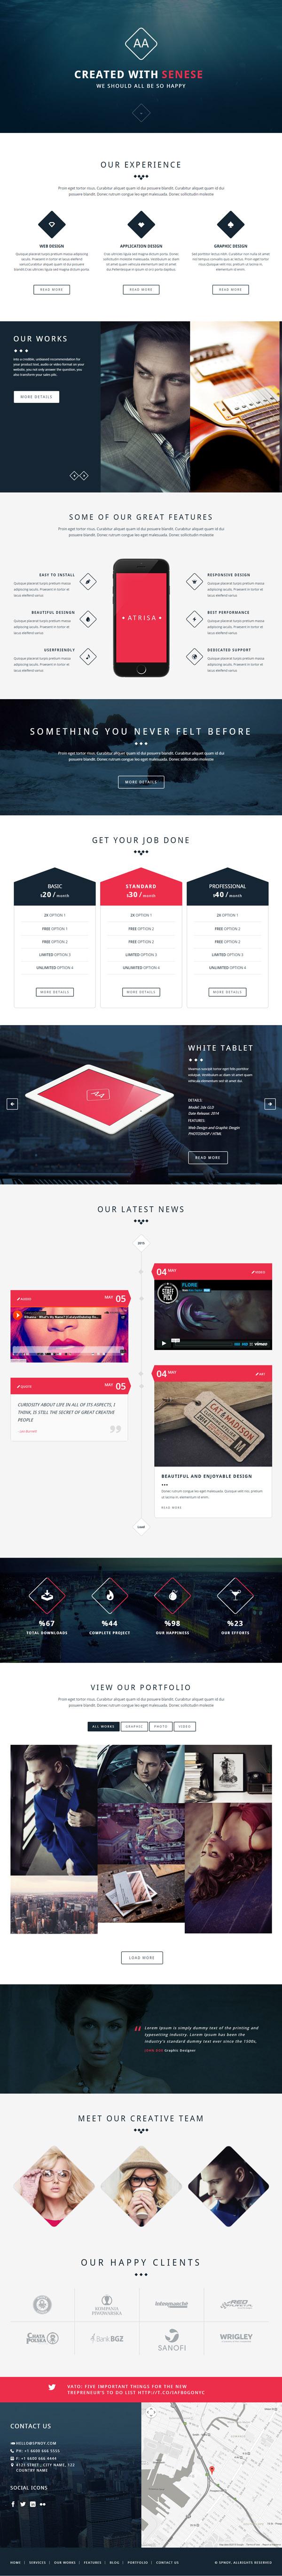 Atrisa – One Page / Multi-Purpose WordPress Theme